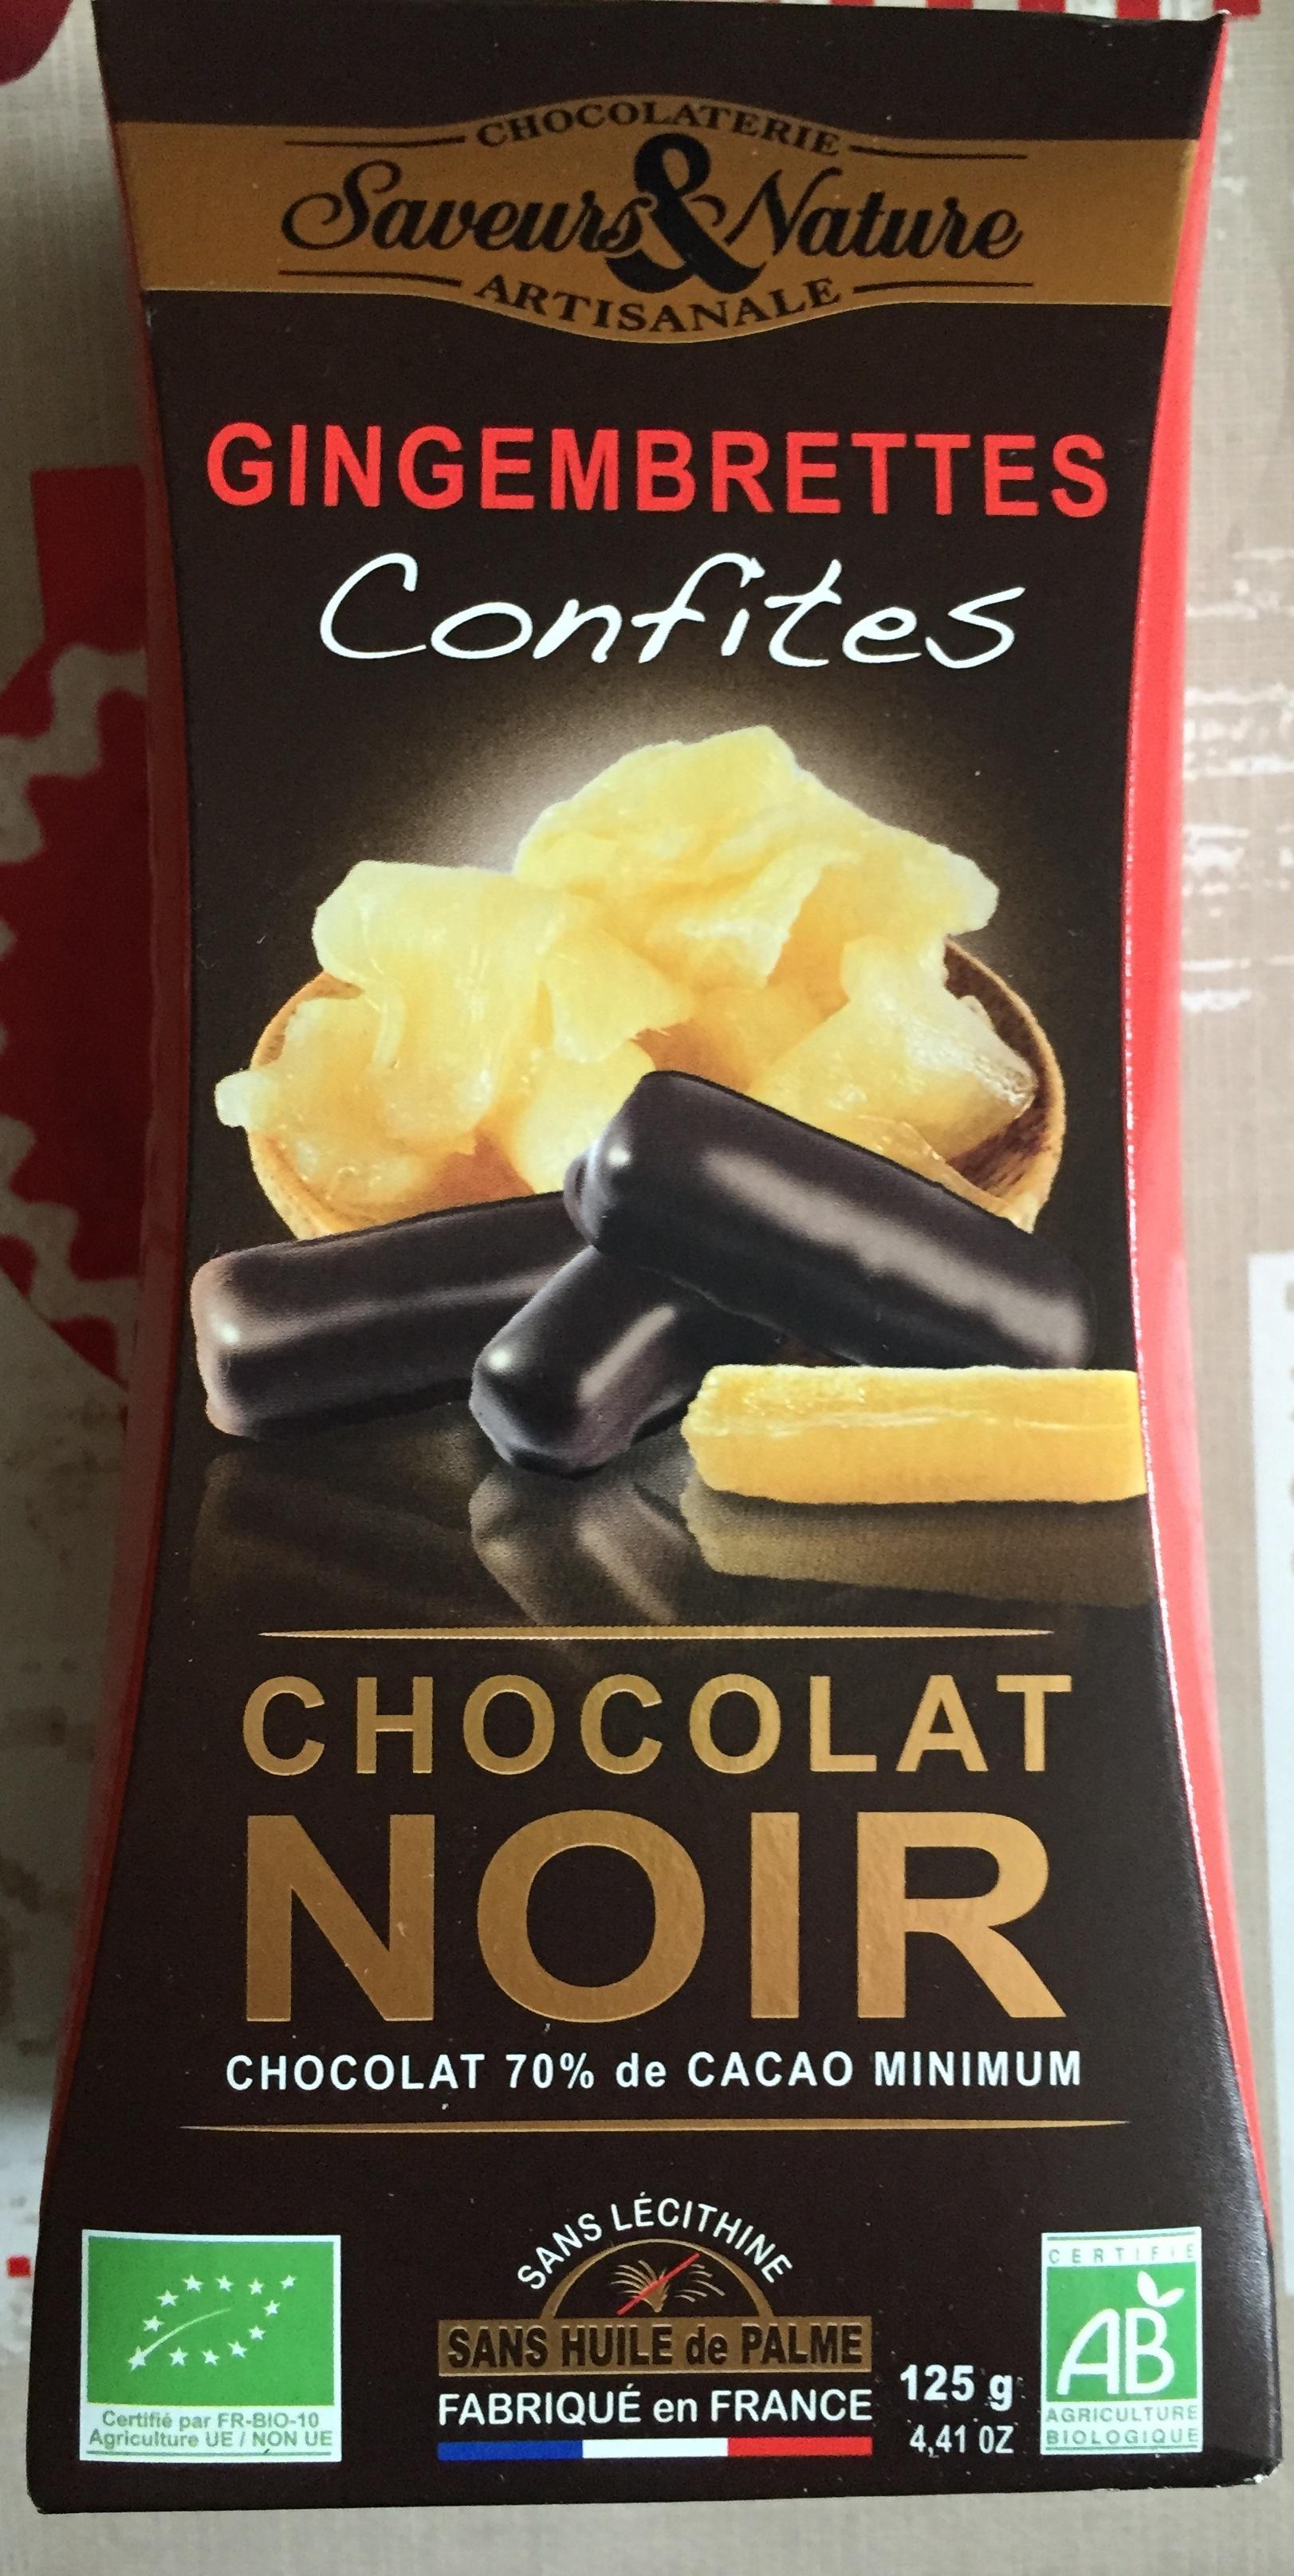 Gingembrettes confites chocolat noir - Product